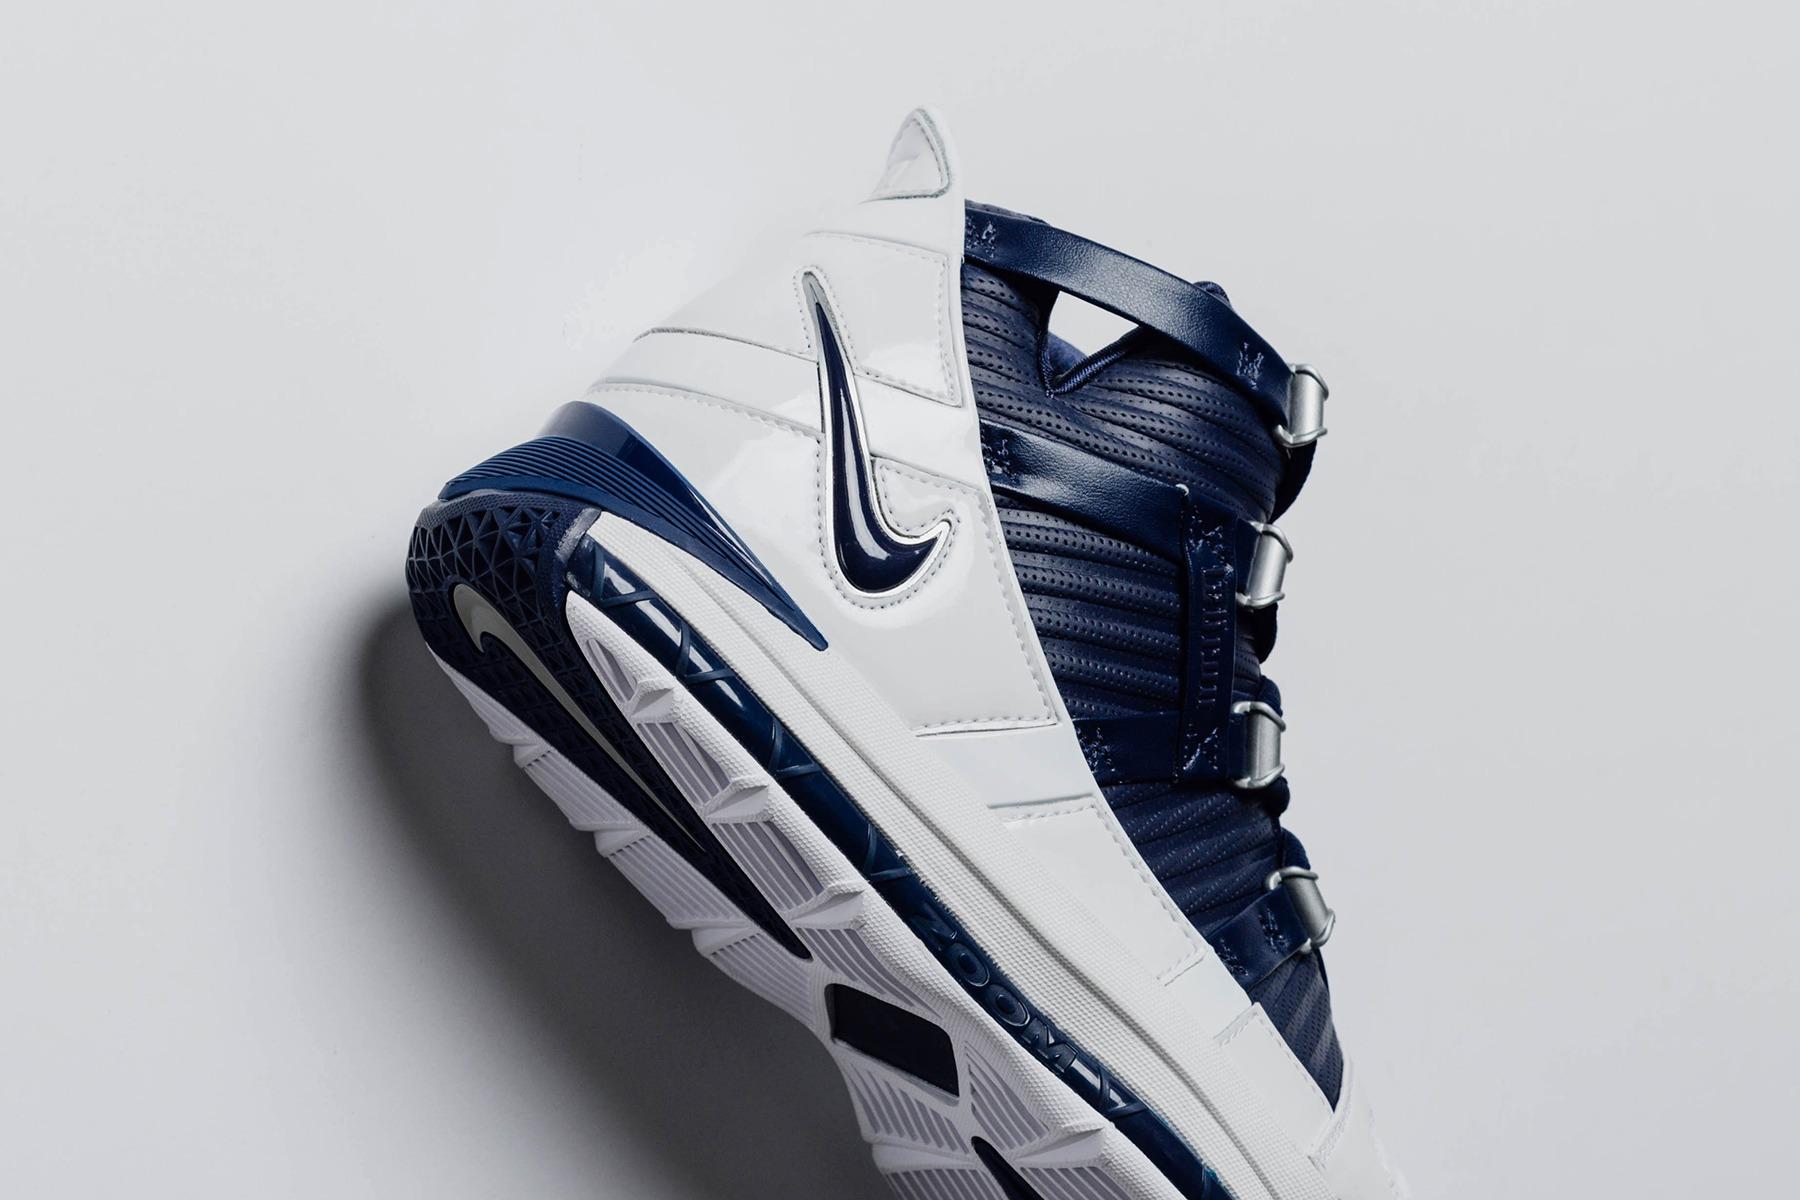 b0498d2ebe73 Nike Zoom LeBron 3